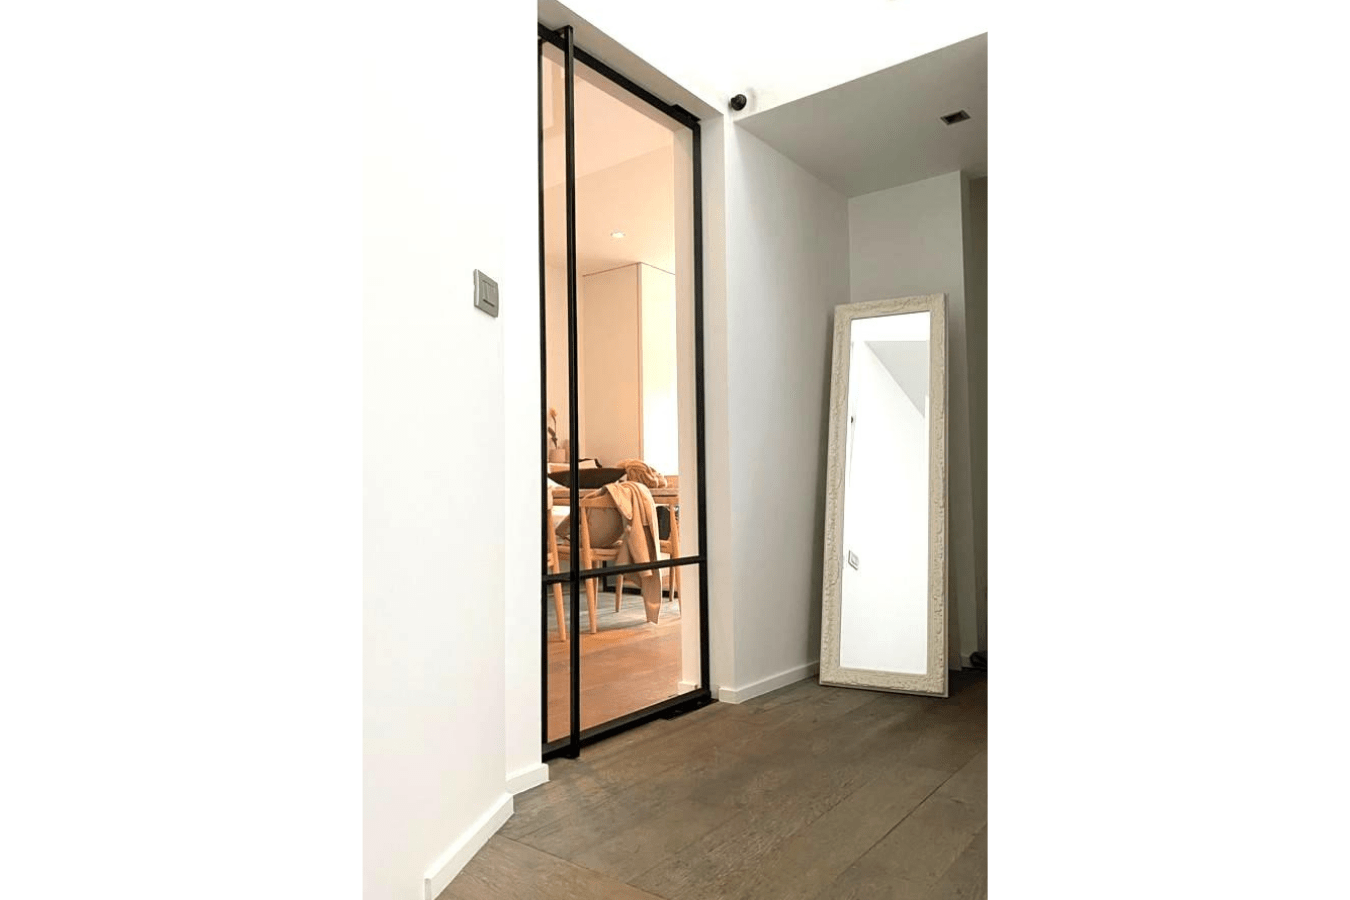 enkele pivotdeur met glas, taatsdeur op maat